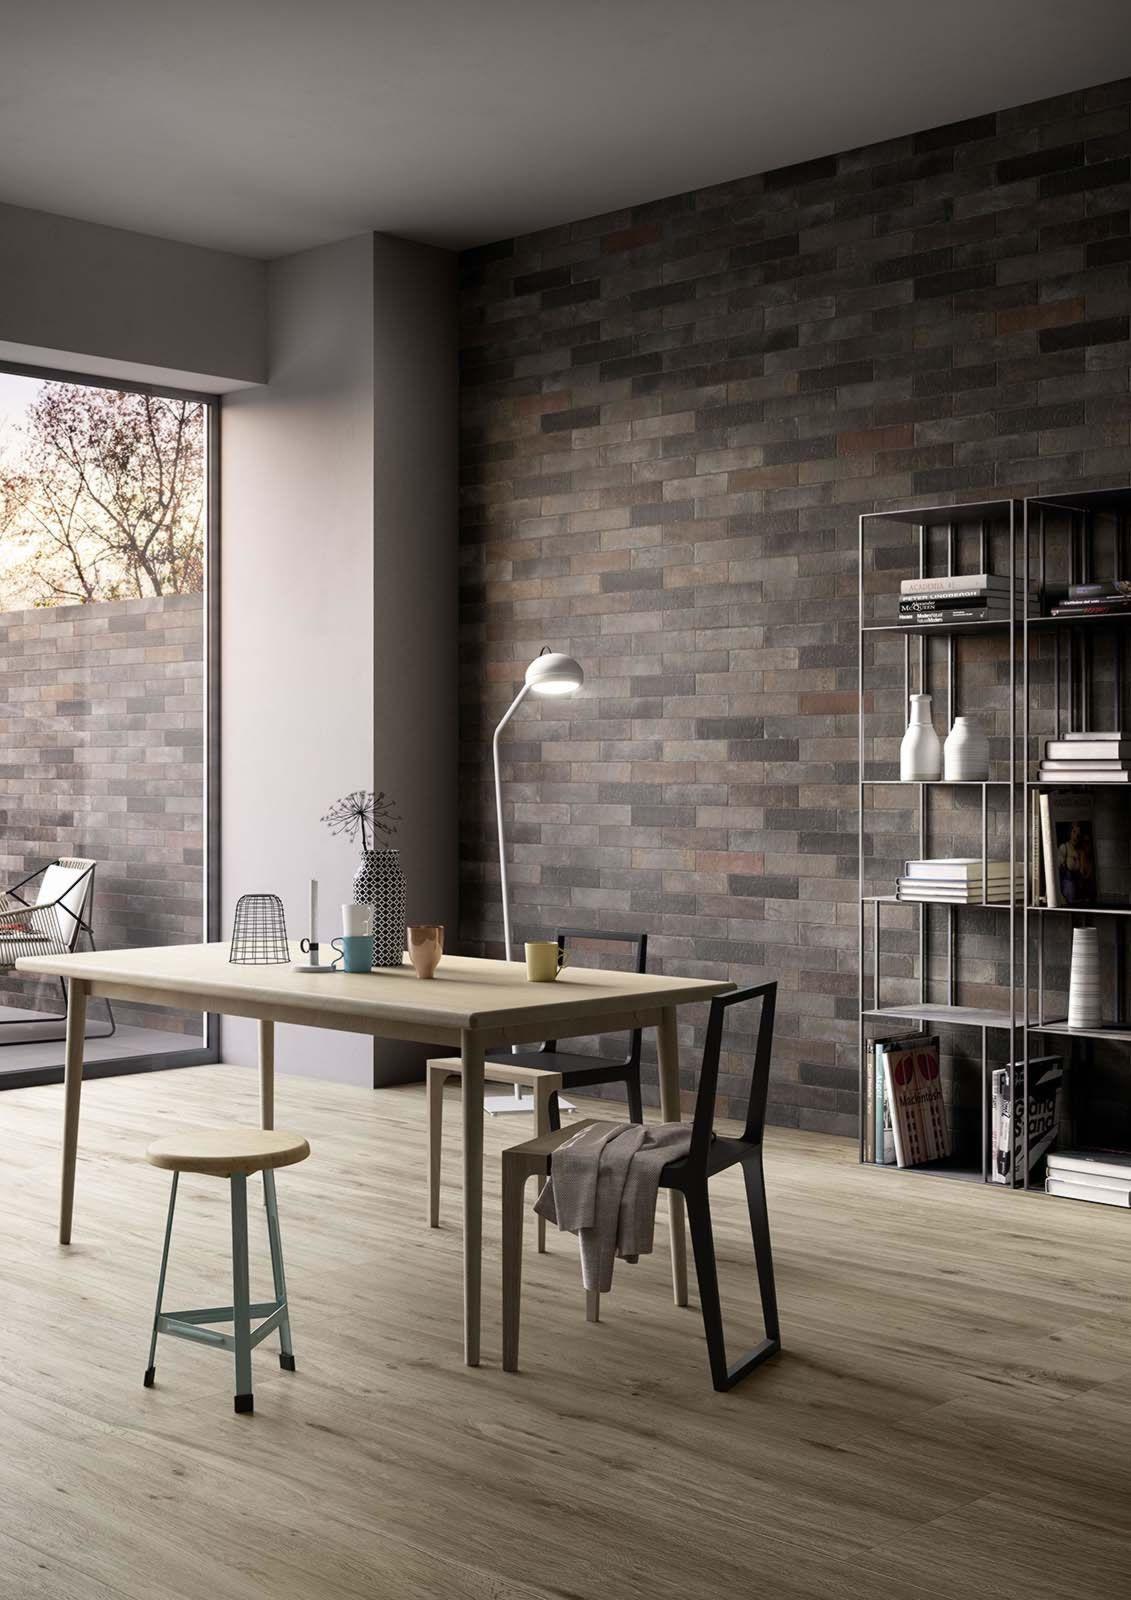 L der internacional en el sector de los pavimentos y - Pavimentos ceramicos interiores ...